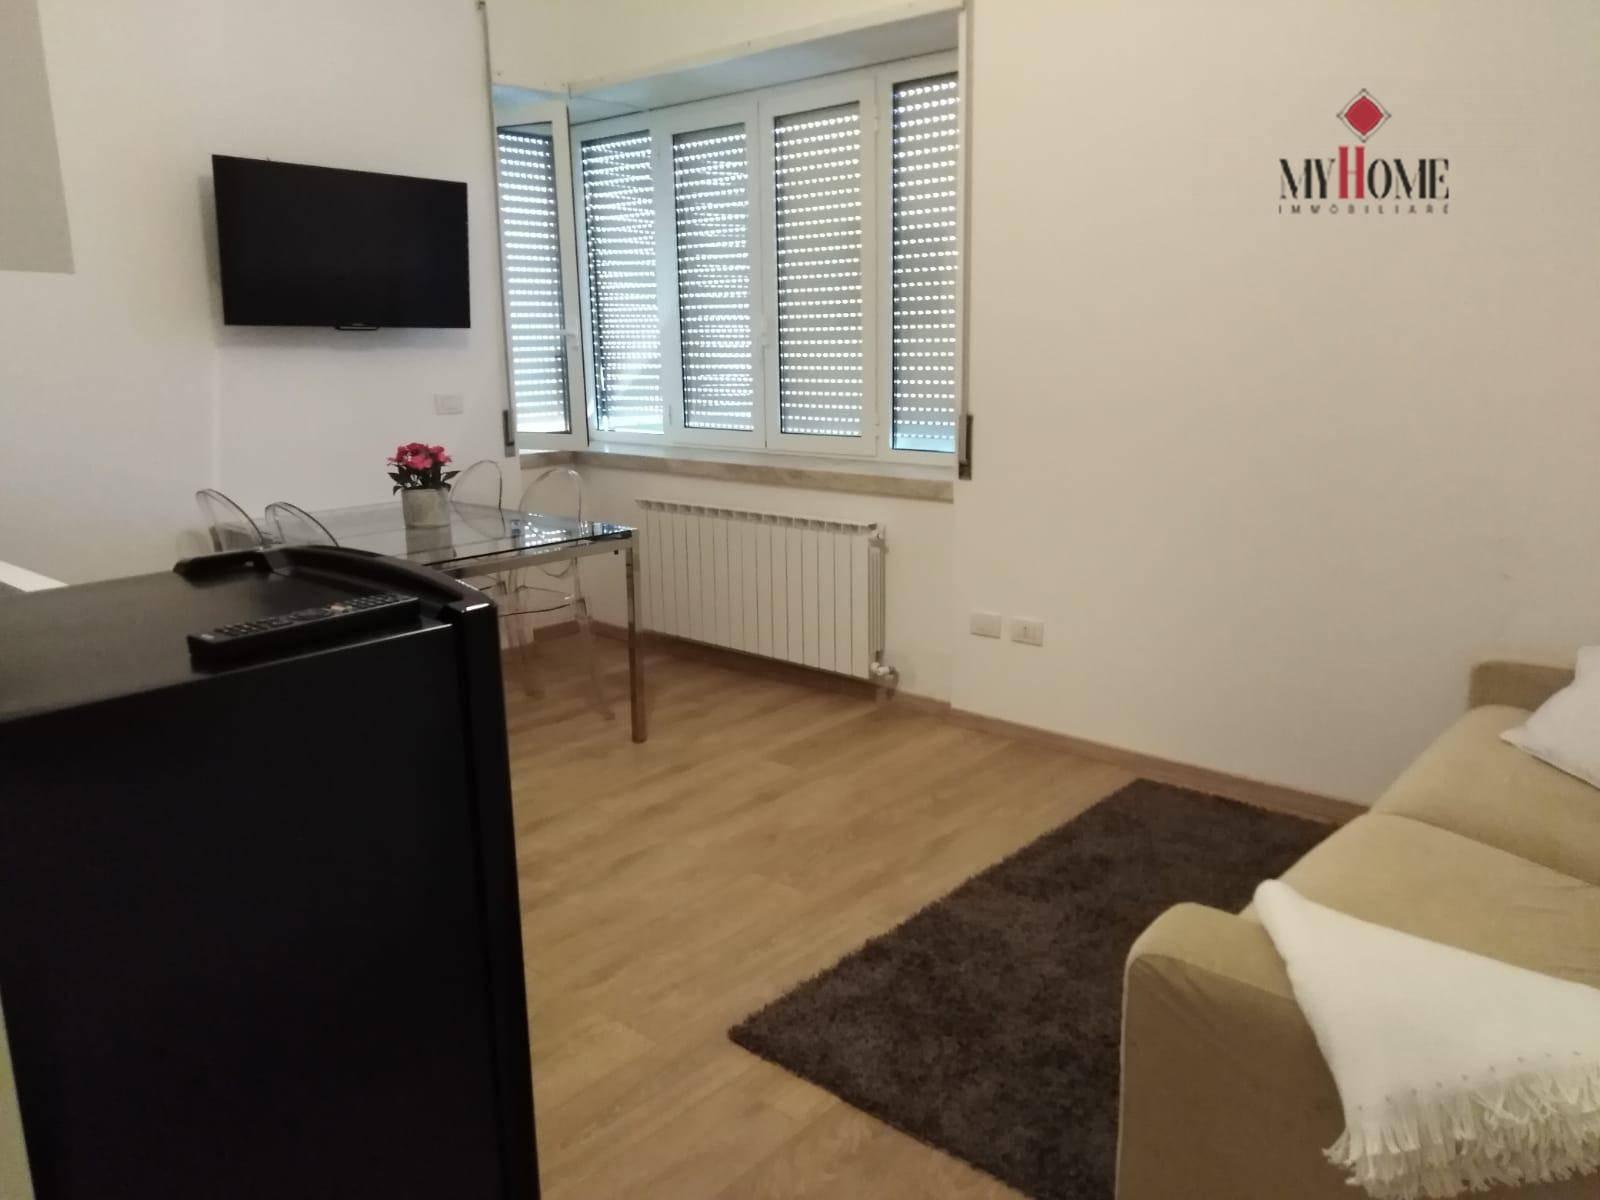 Appartamento in affitto a Ascoli Piceno, 4 locali, prezzo € 650 | PortaleAgenzieImmobiliari.it